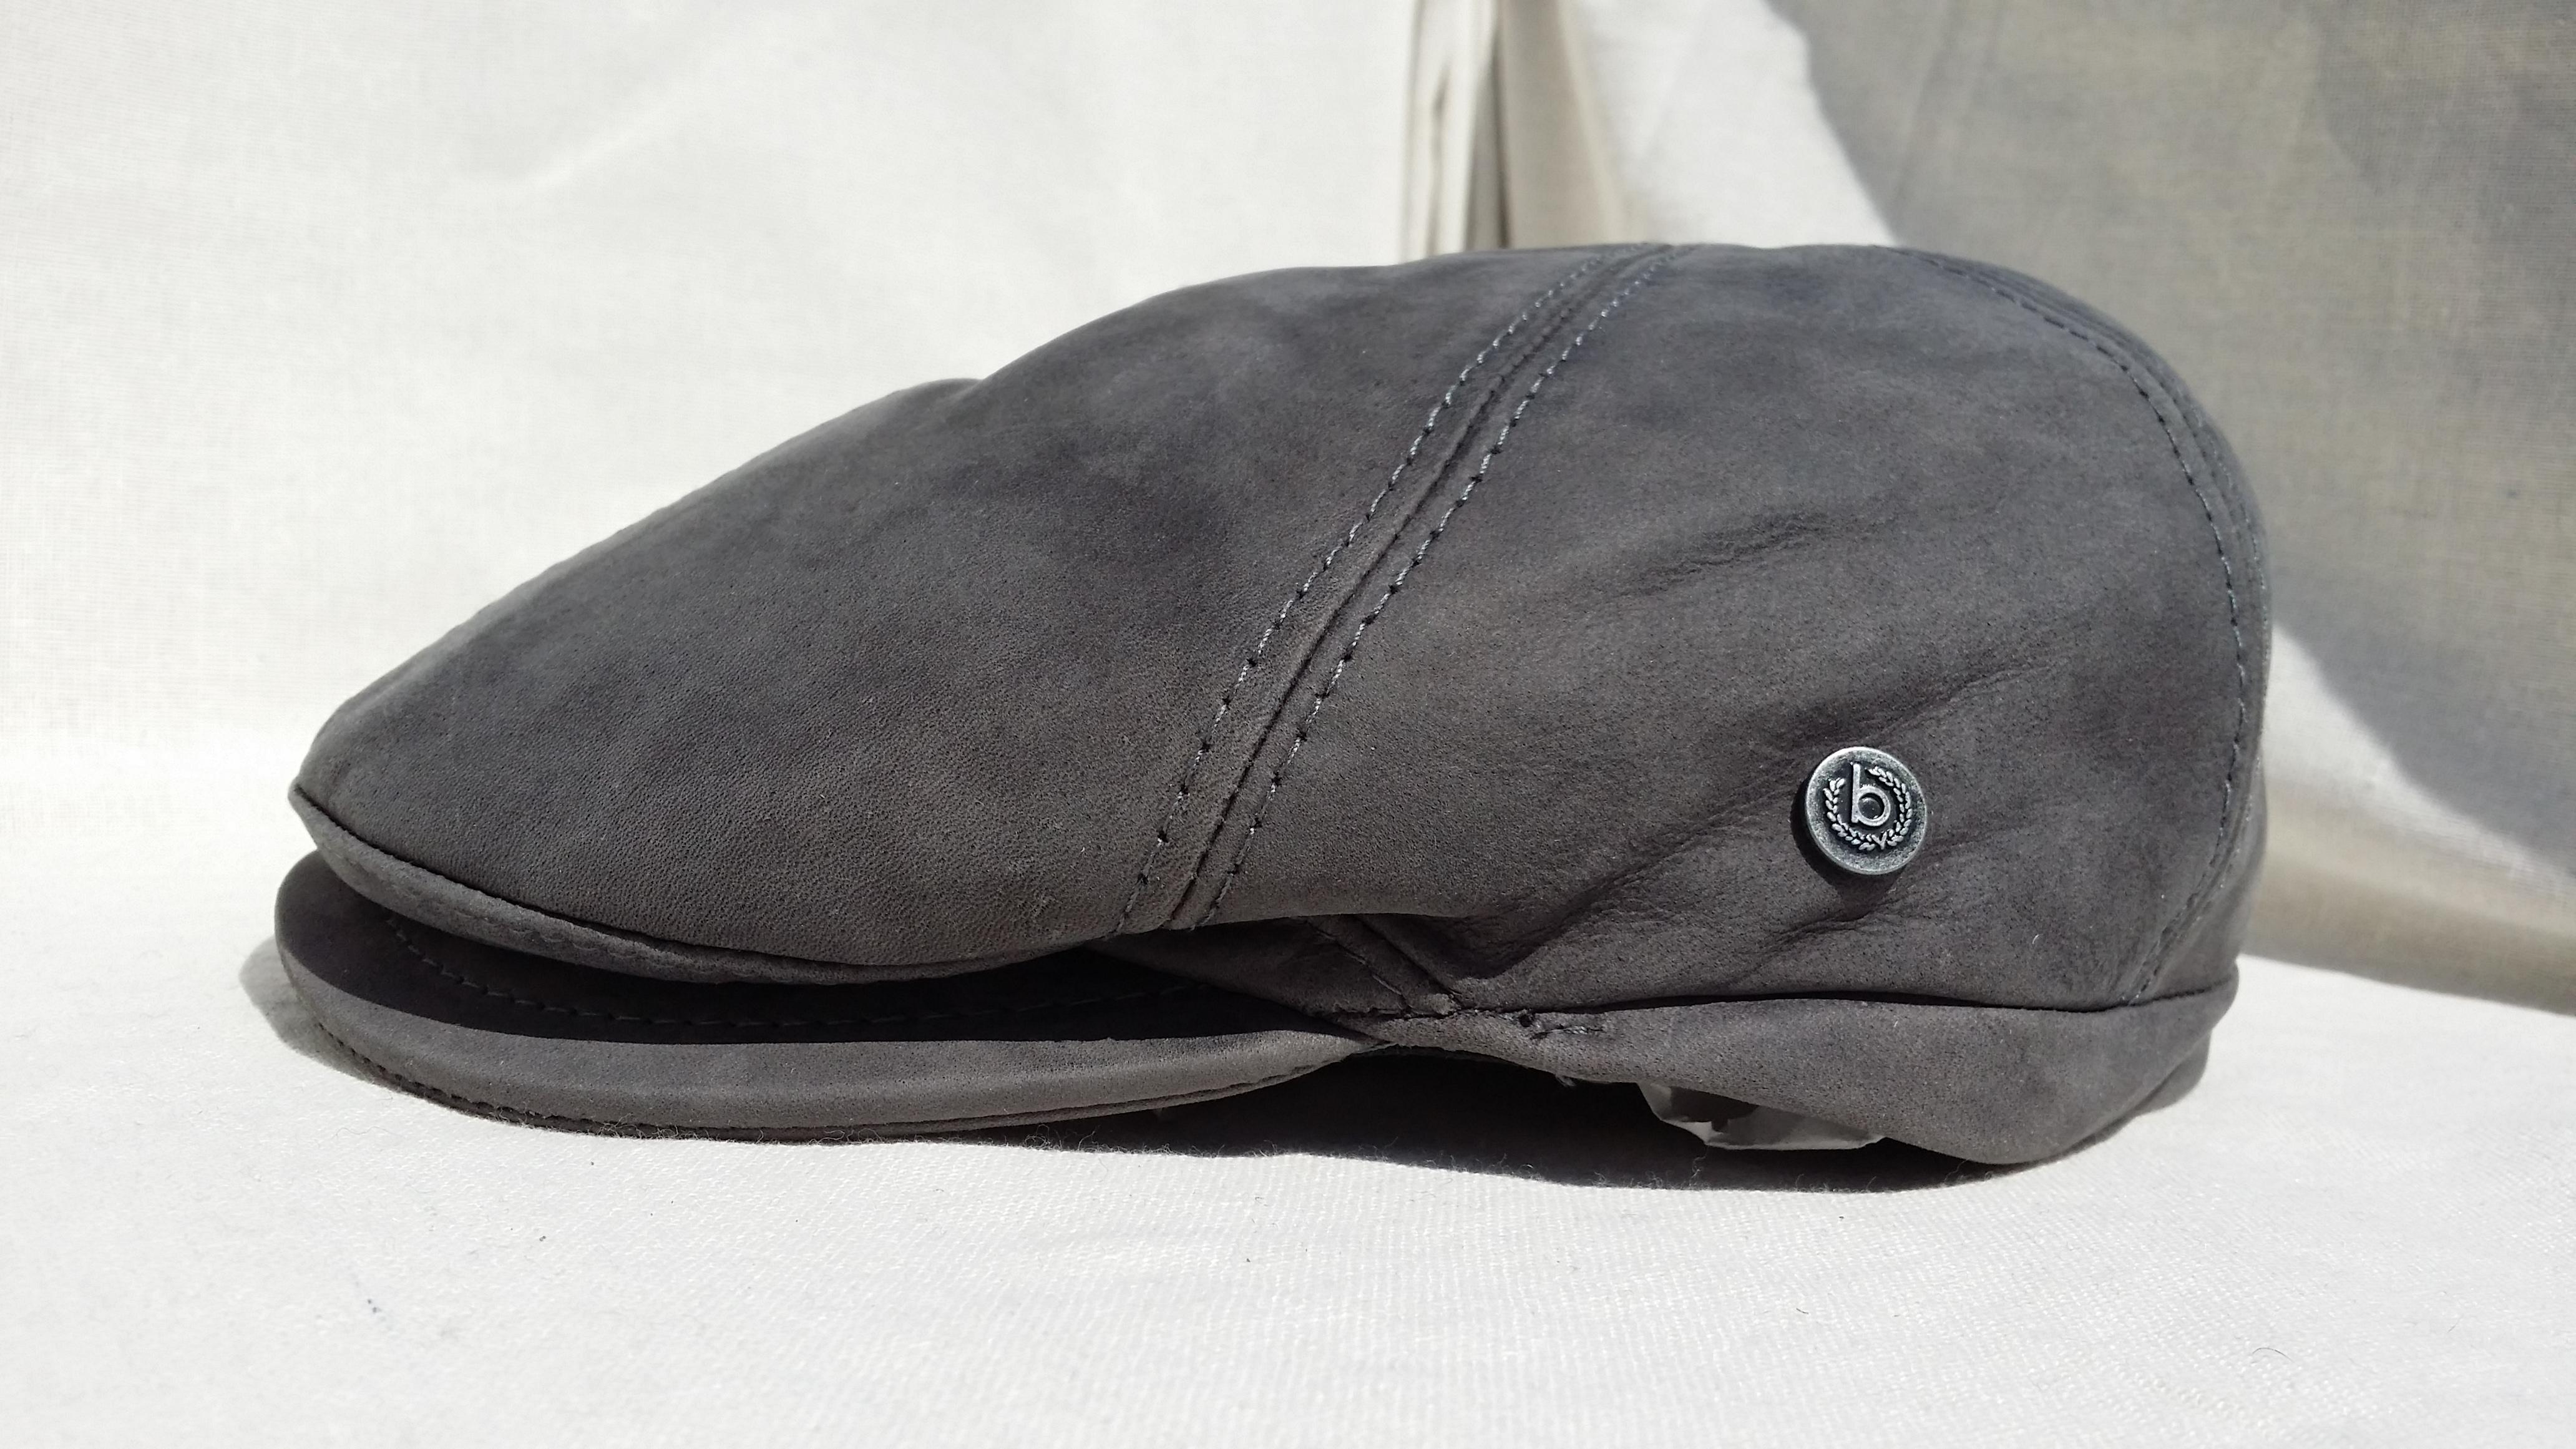 casquette en cuir couleur gris souris de chez bugatti. Black Bedroom Furniture Sets. Home Design Ideas